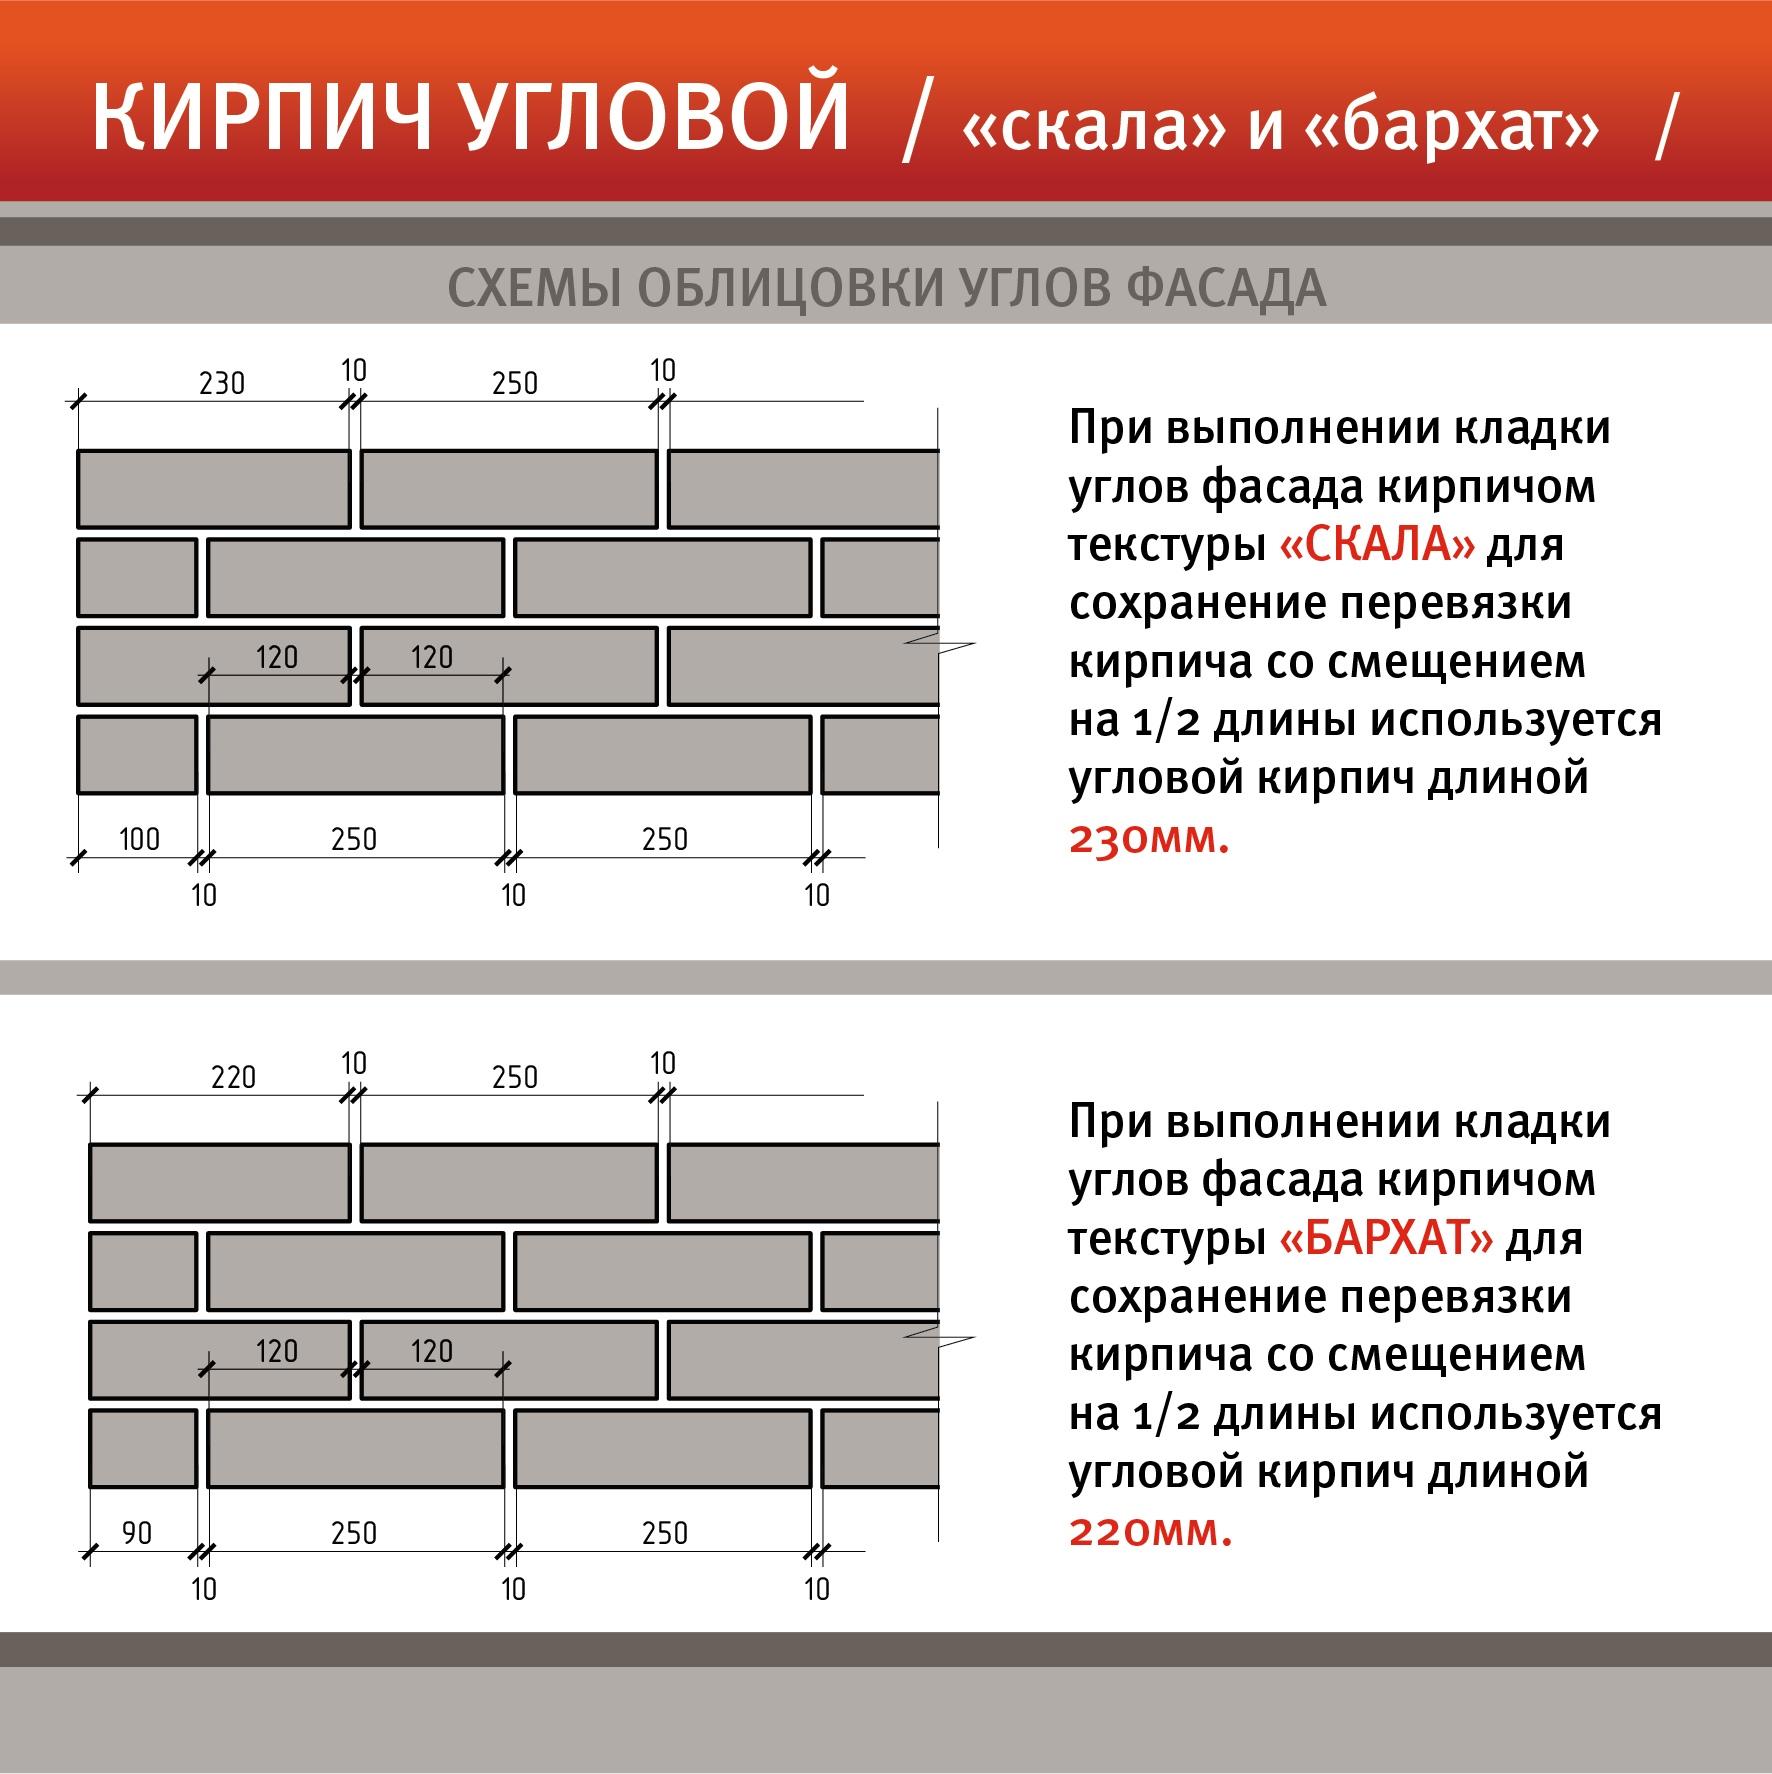 10 мм - такова разница, в геометрических размерах кирпича в текстуре